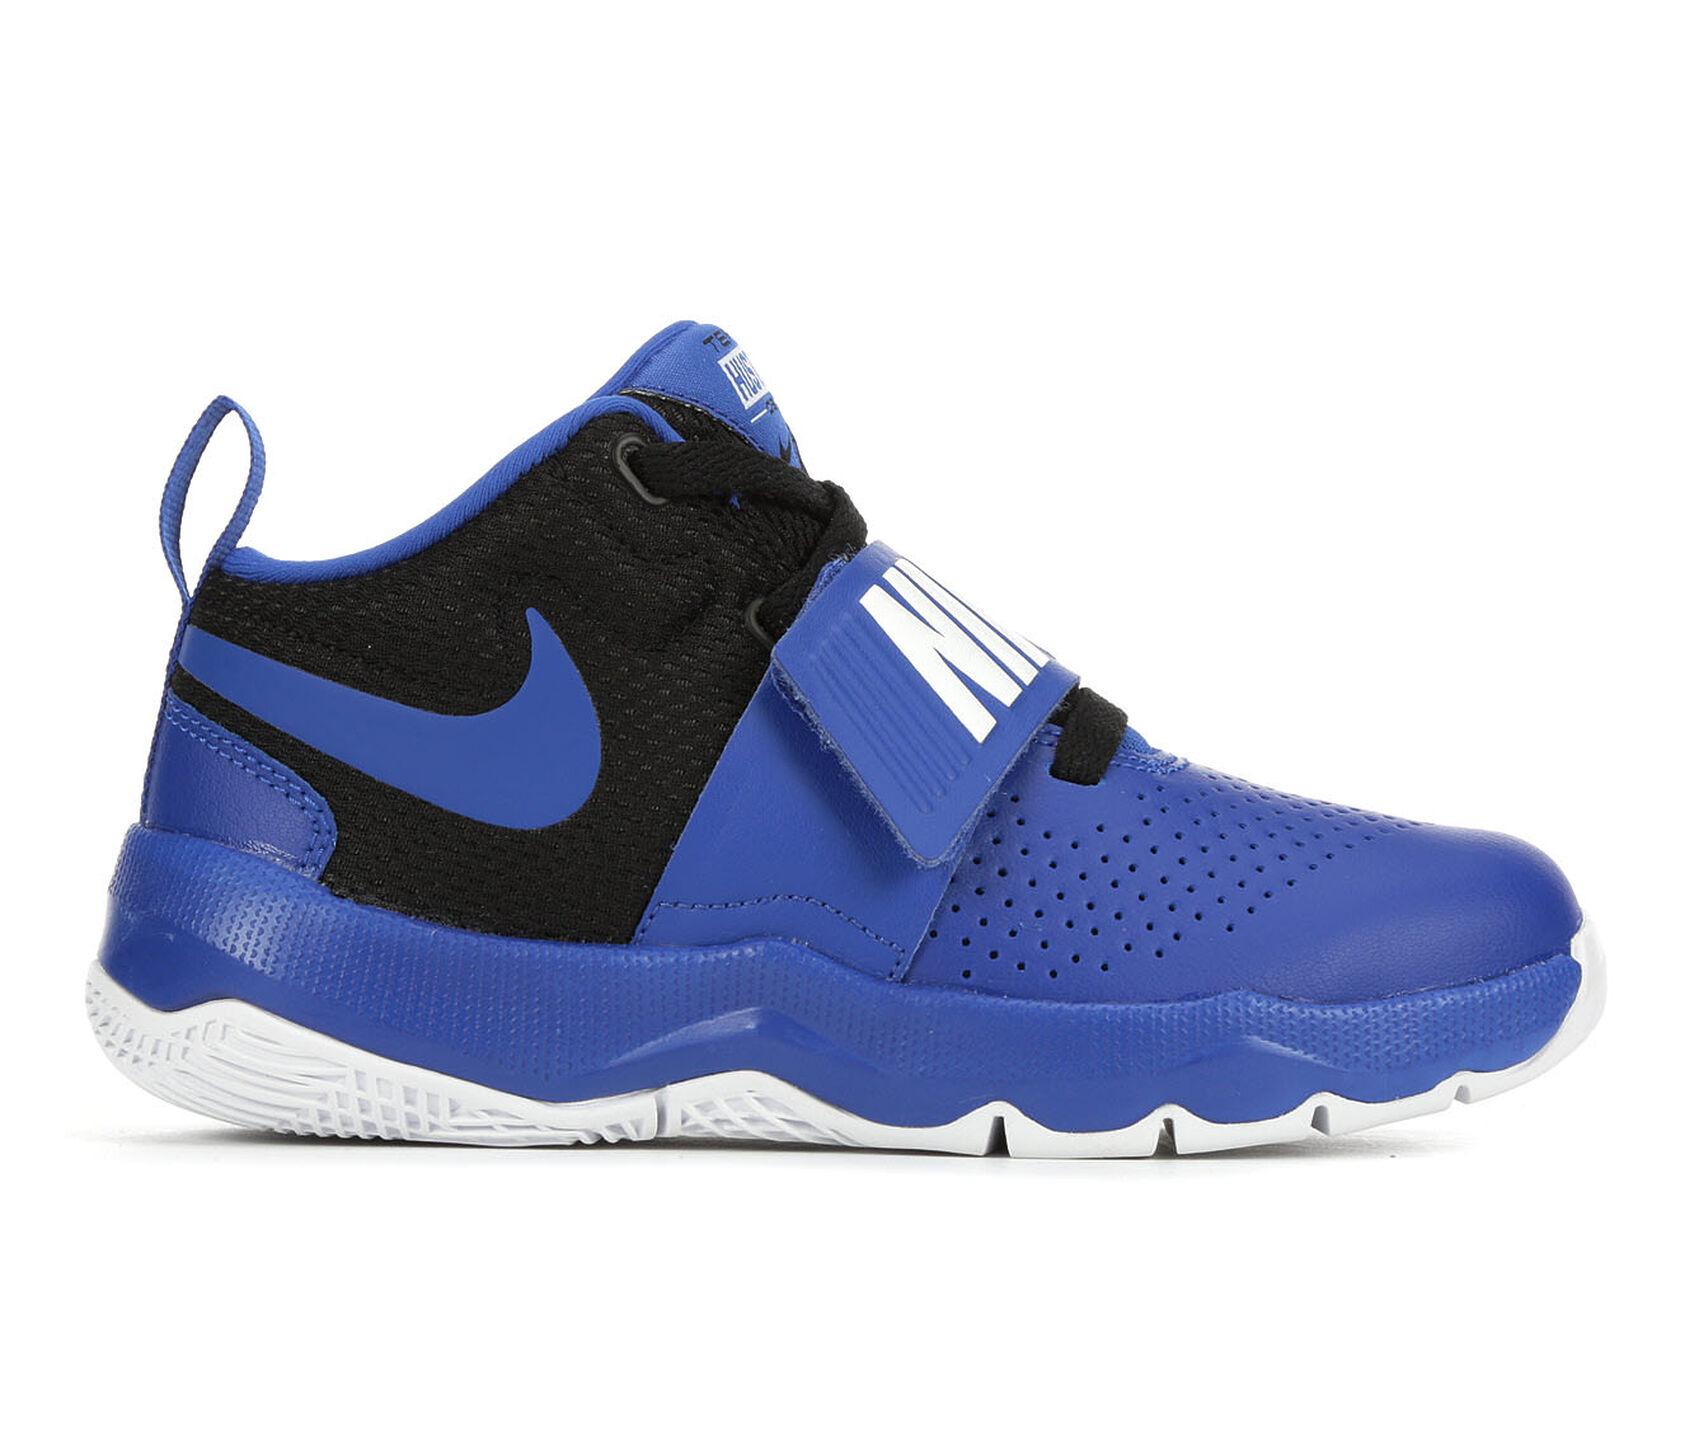 2647cbb2445 ... Nike Little Kid Team Hustle D8 High Top Basketball Shoes. Previous